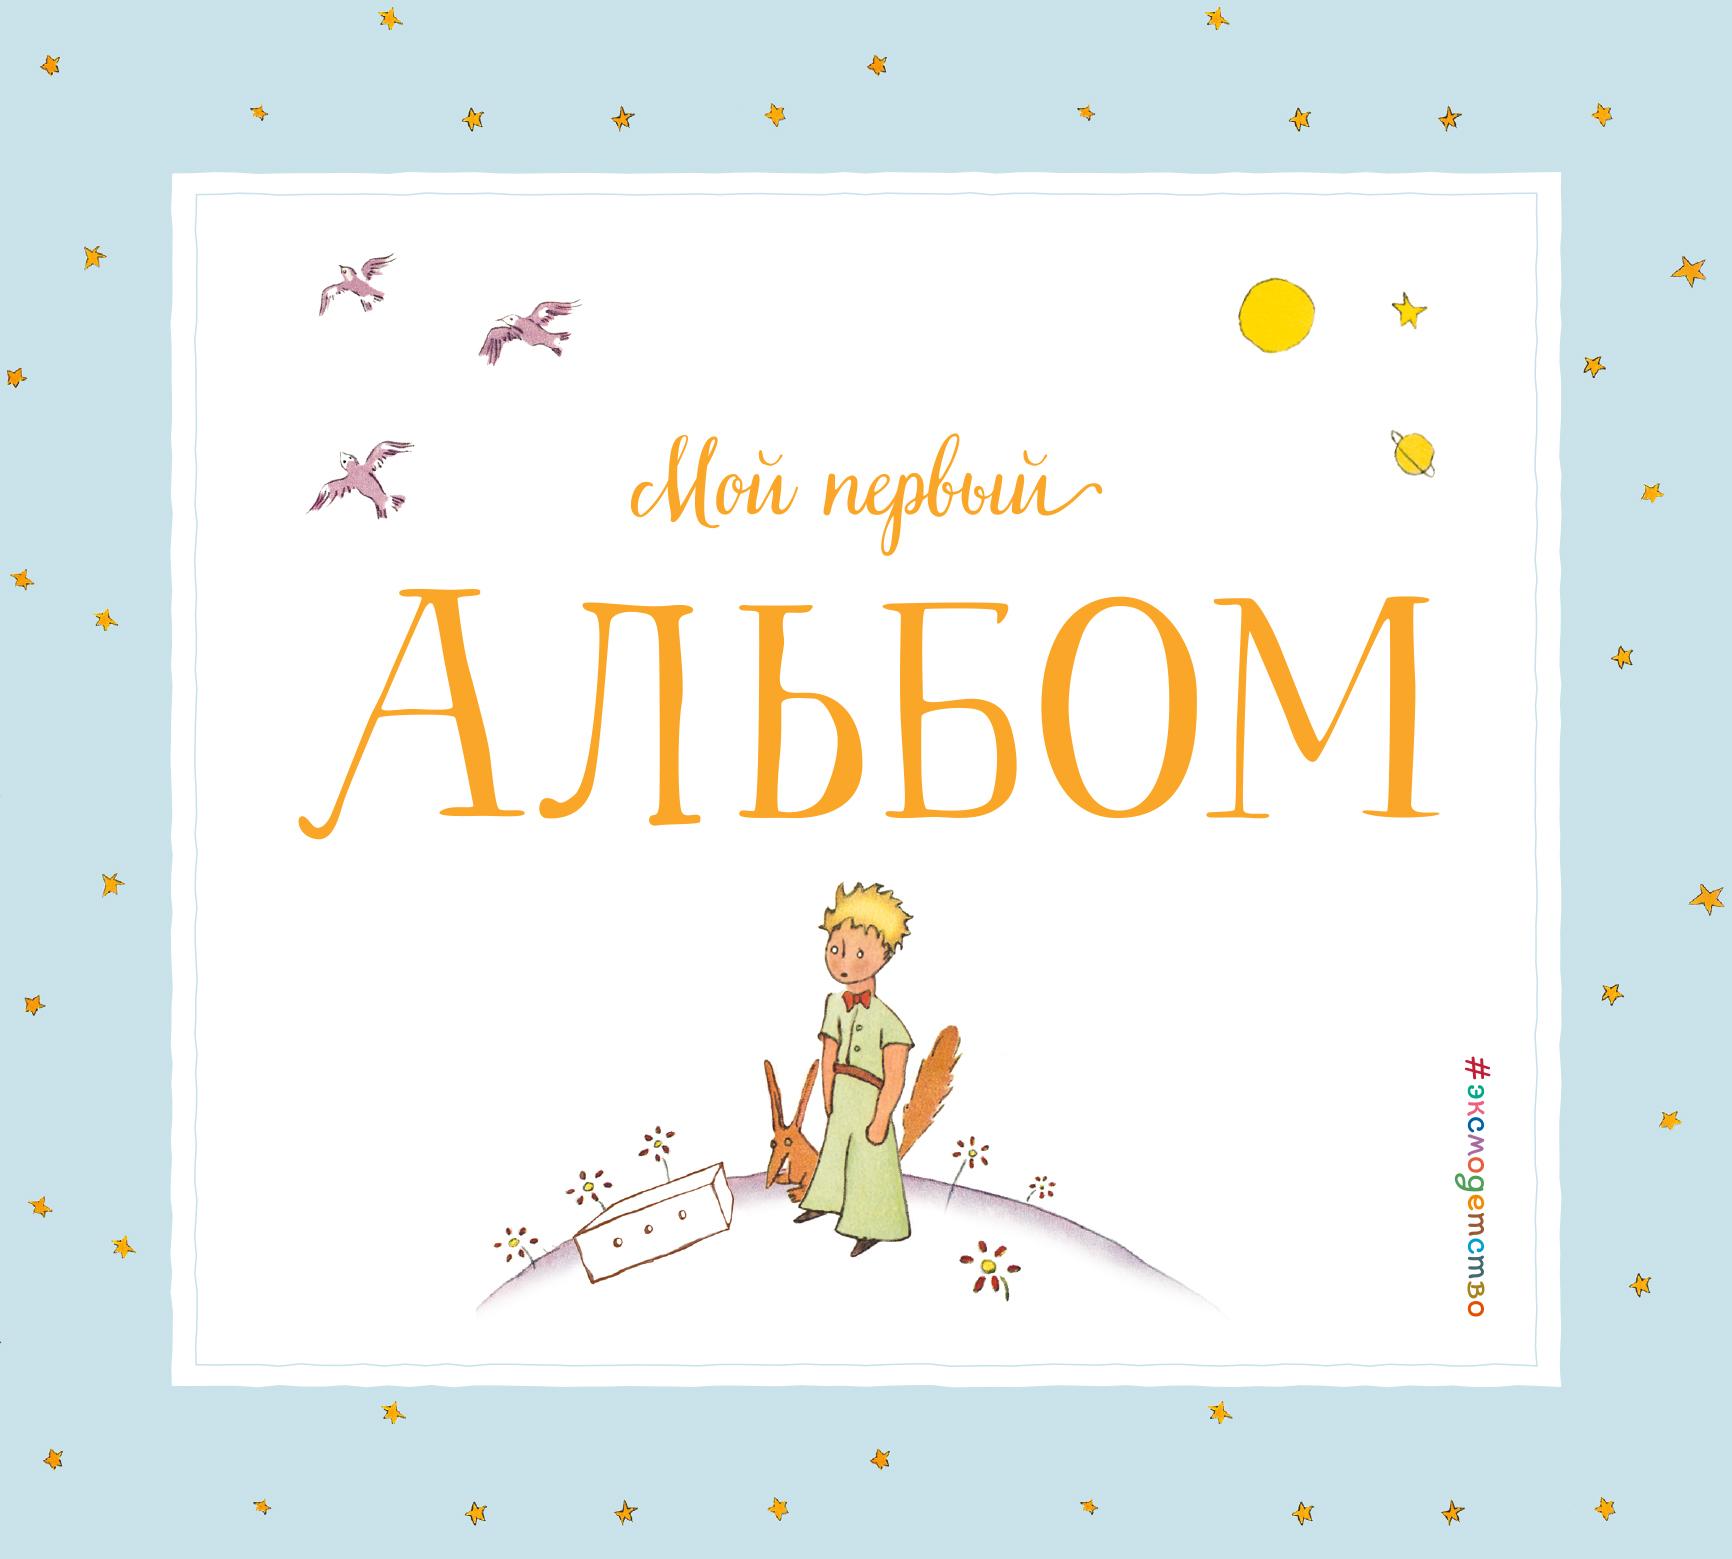 Альбом картинки для детей на прозрачном фоне, картинки надписями кружку